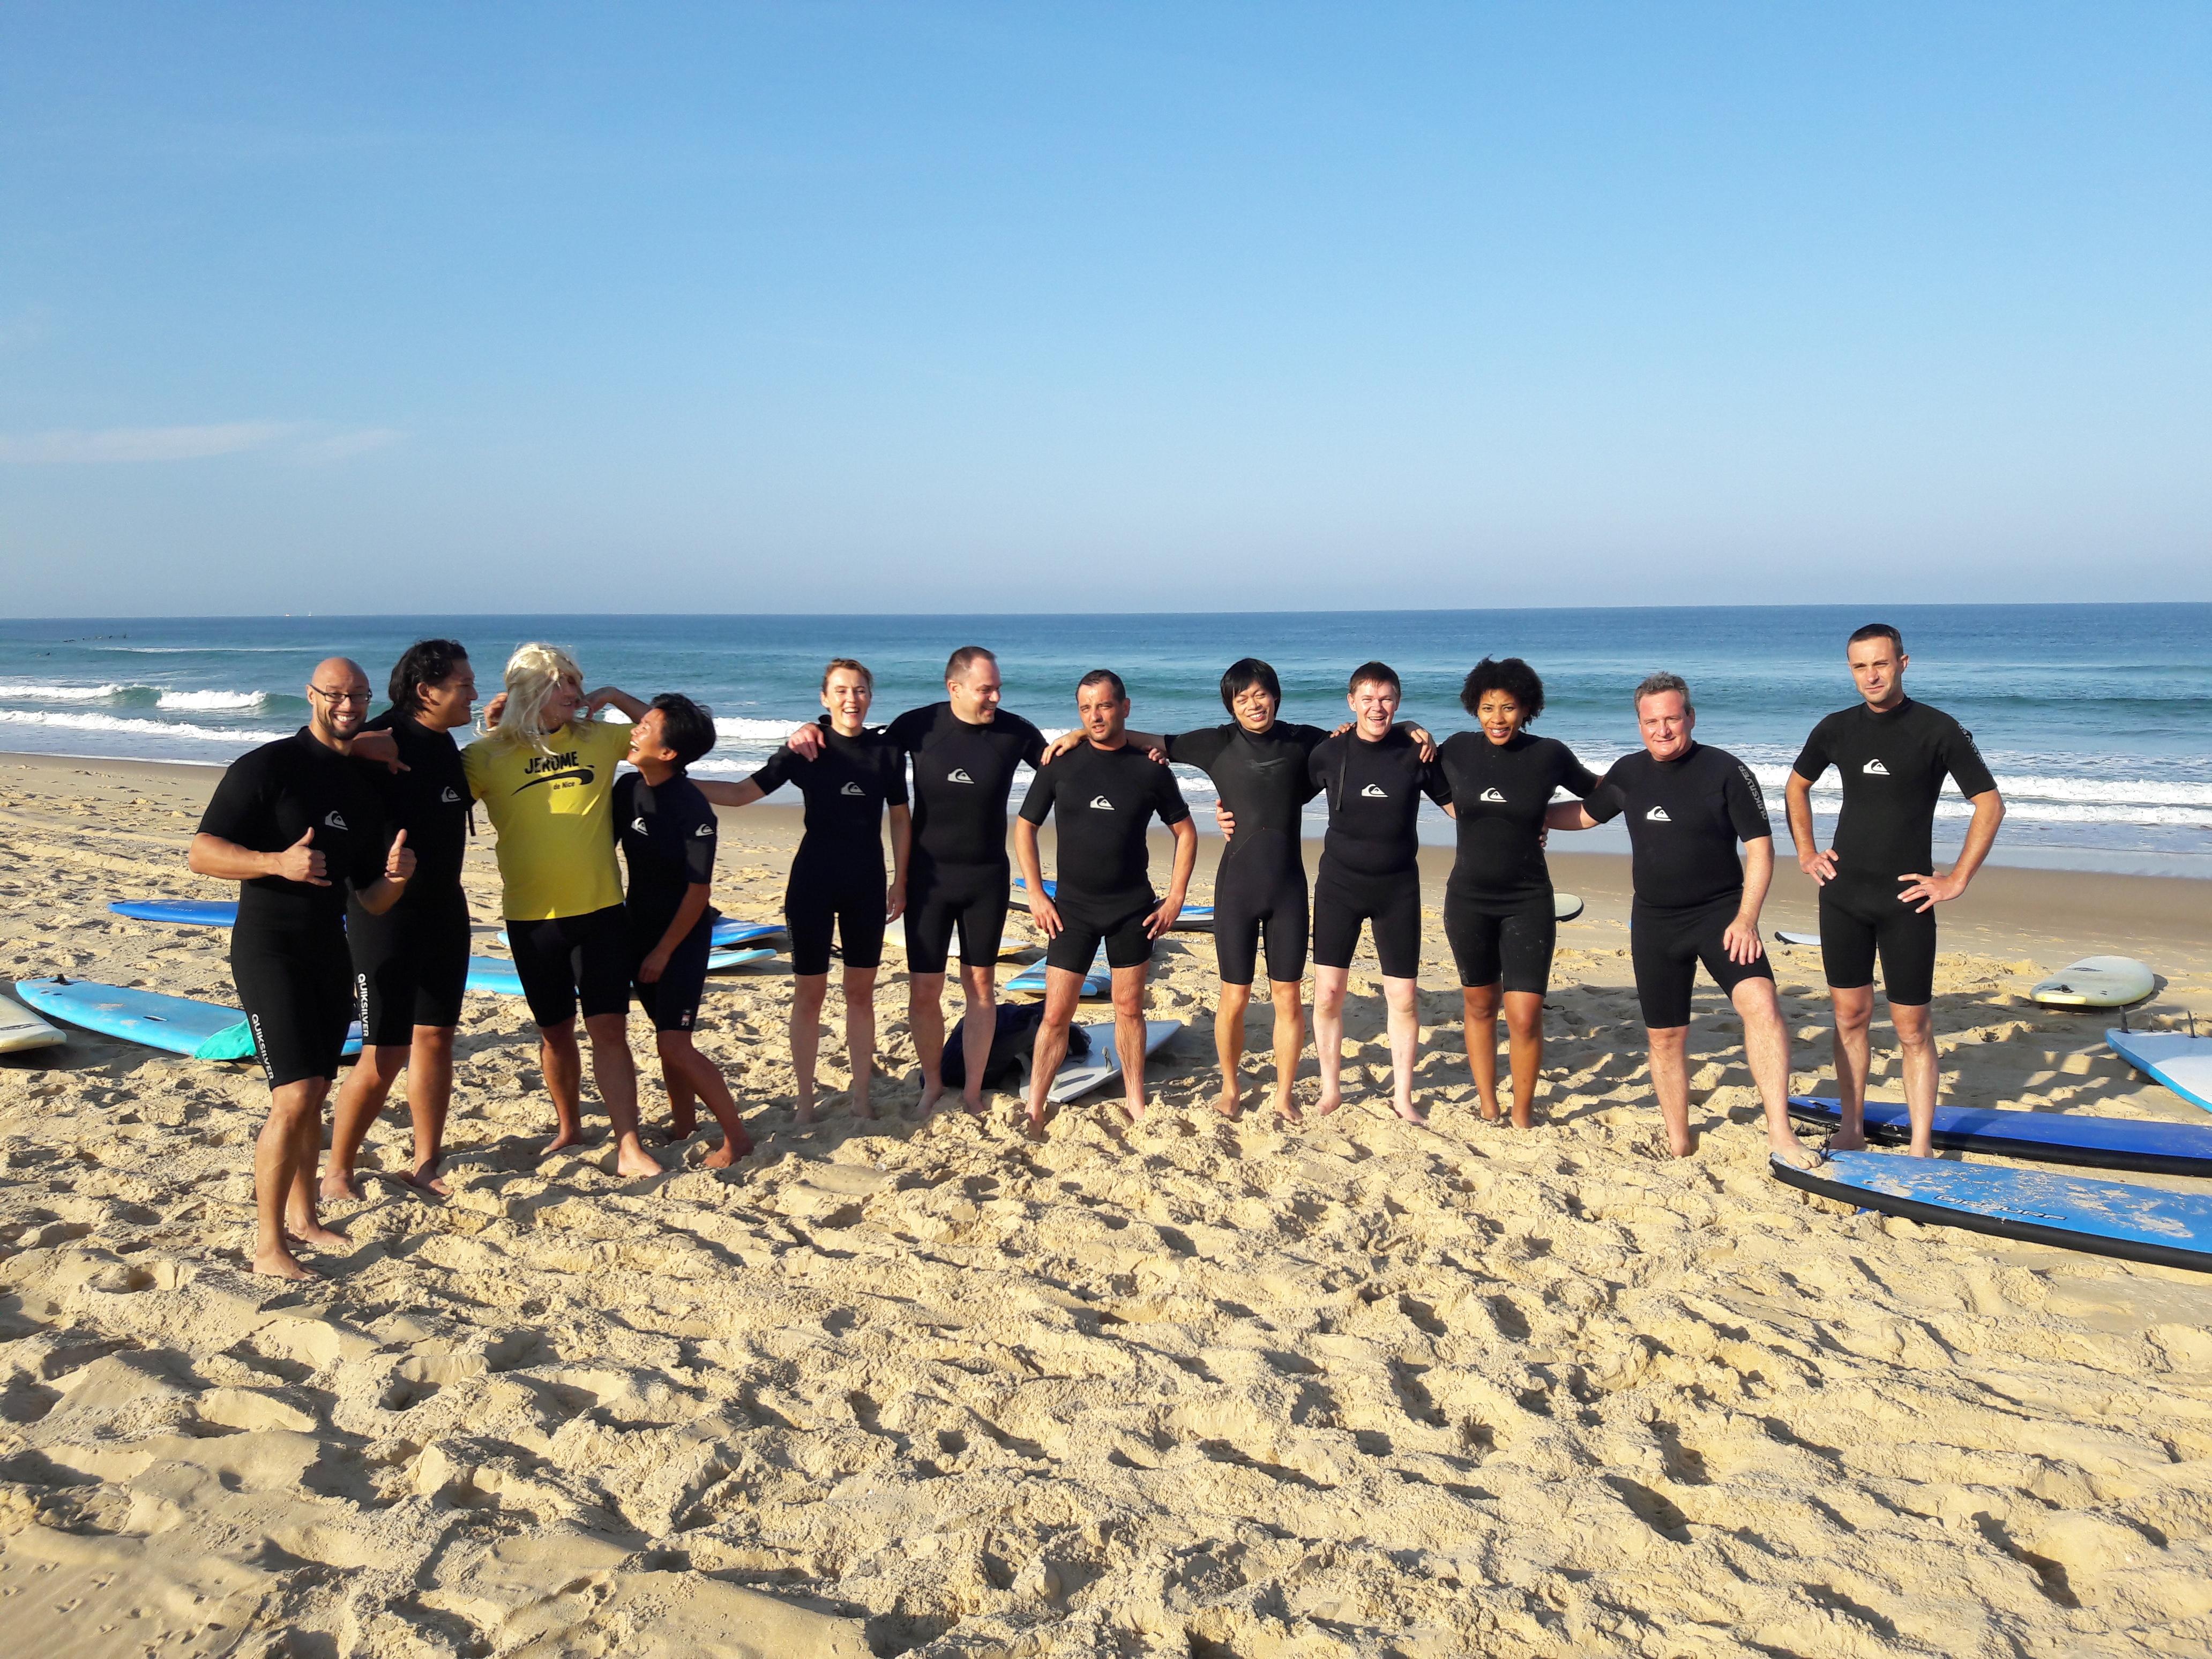 Groupe de surfeurs sur la plage